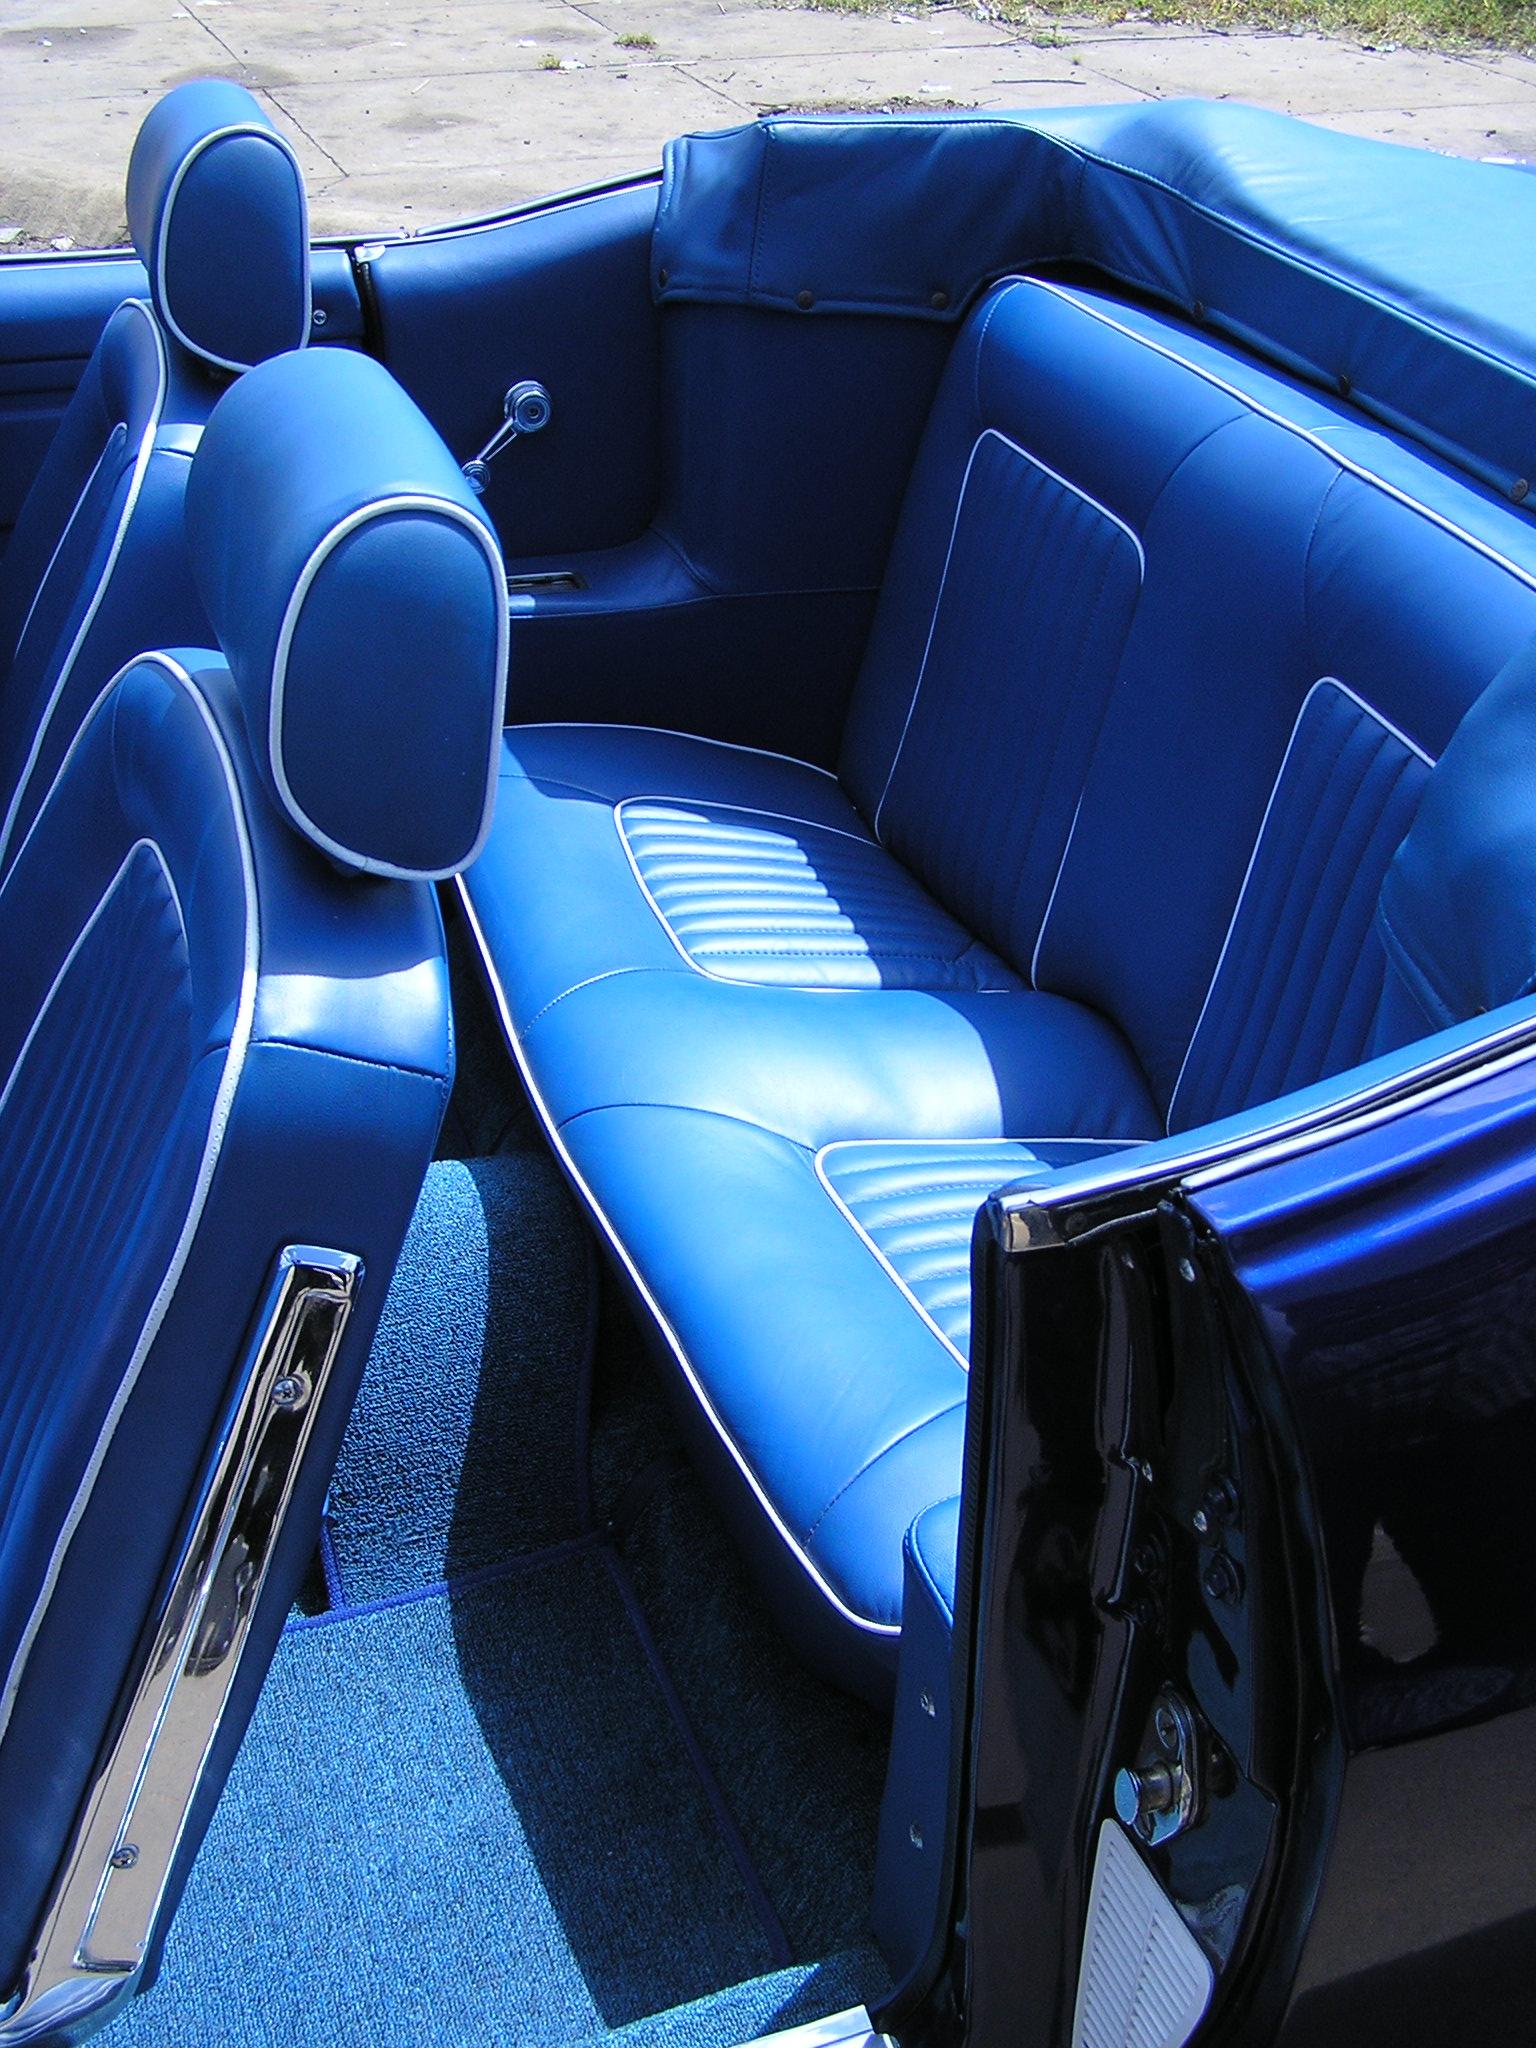 Khám phá xe cổ Ford Mustang 1970 tại Sài Gòn_9